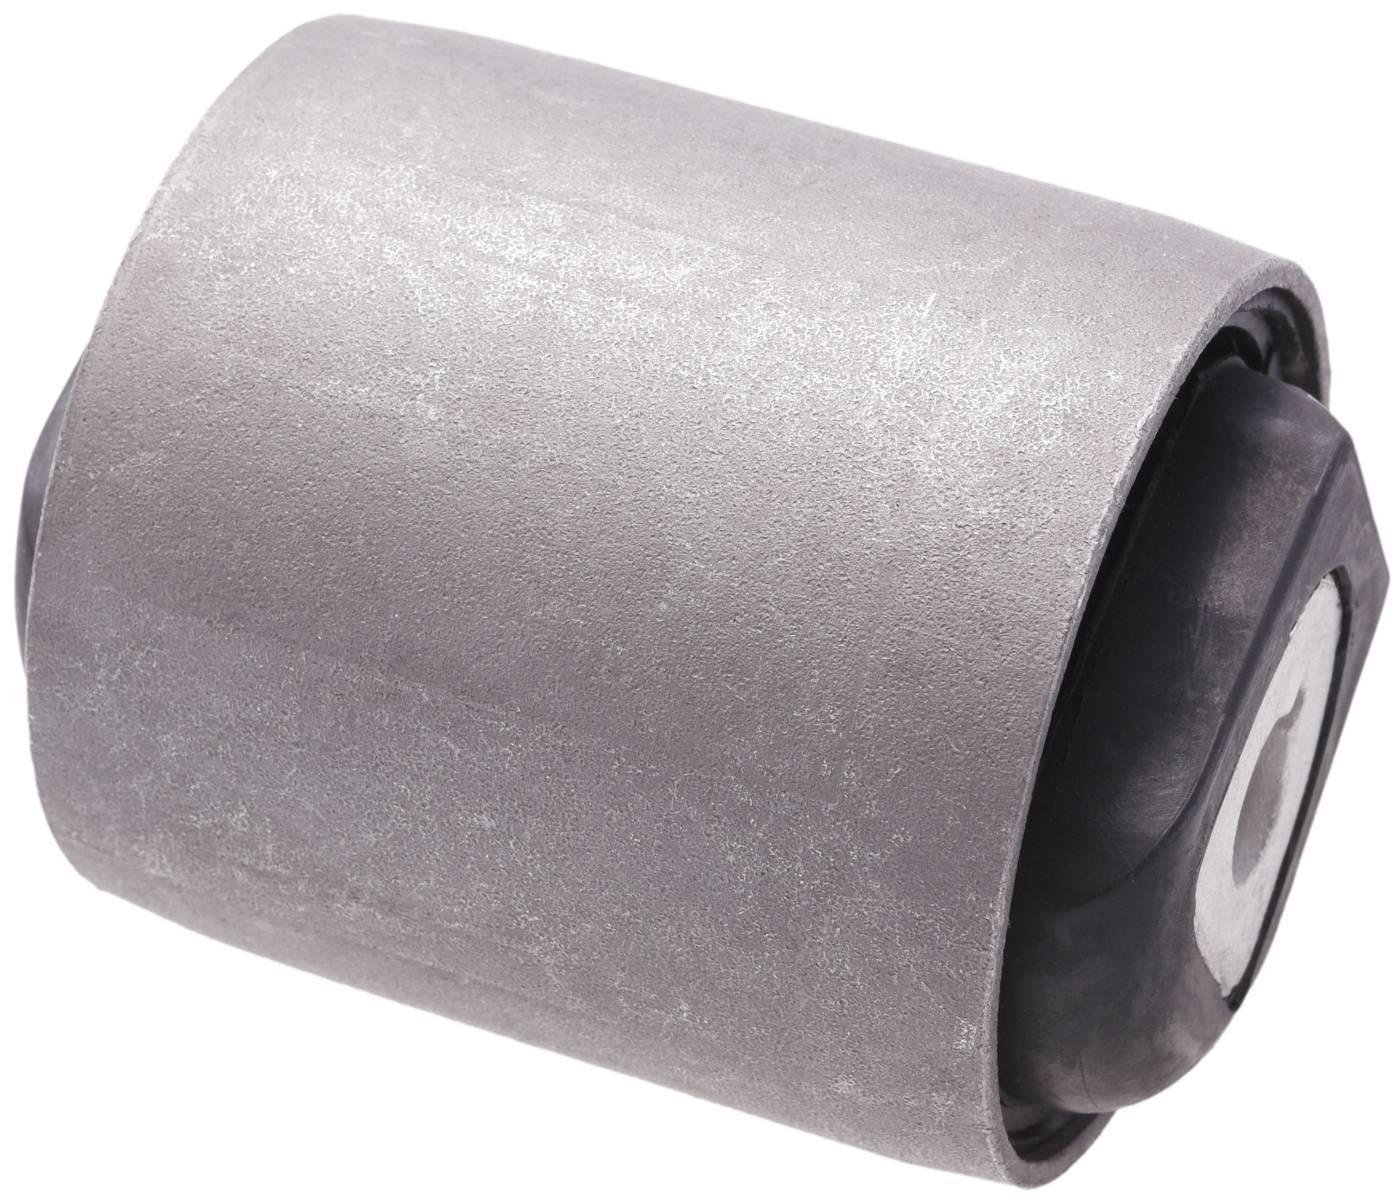 ARM BUSHING REAR LOWER ARM - Febest # BMAB-030 - 1 Year Warranty